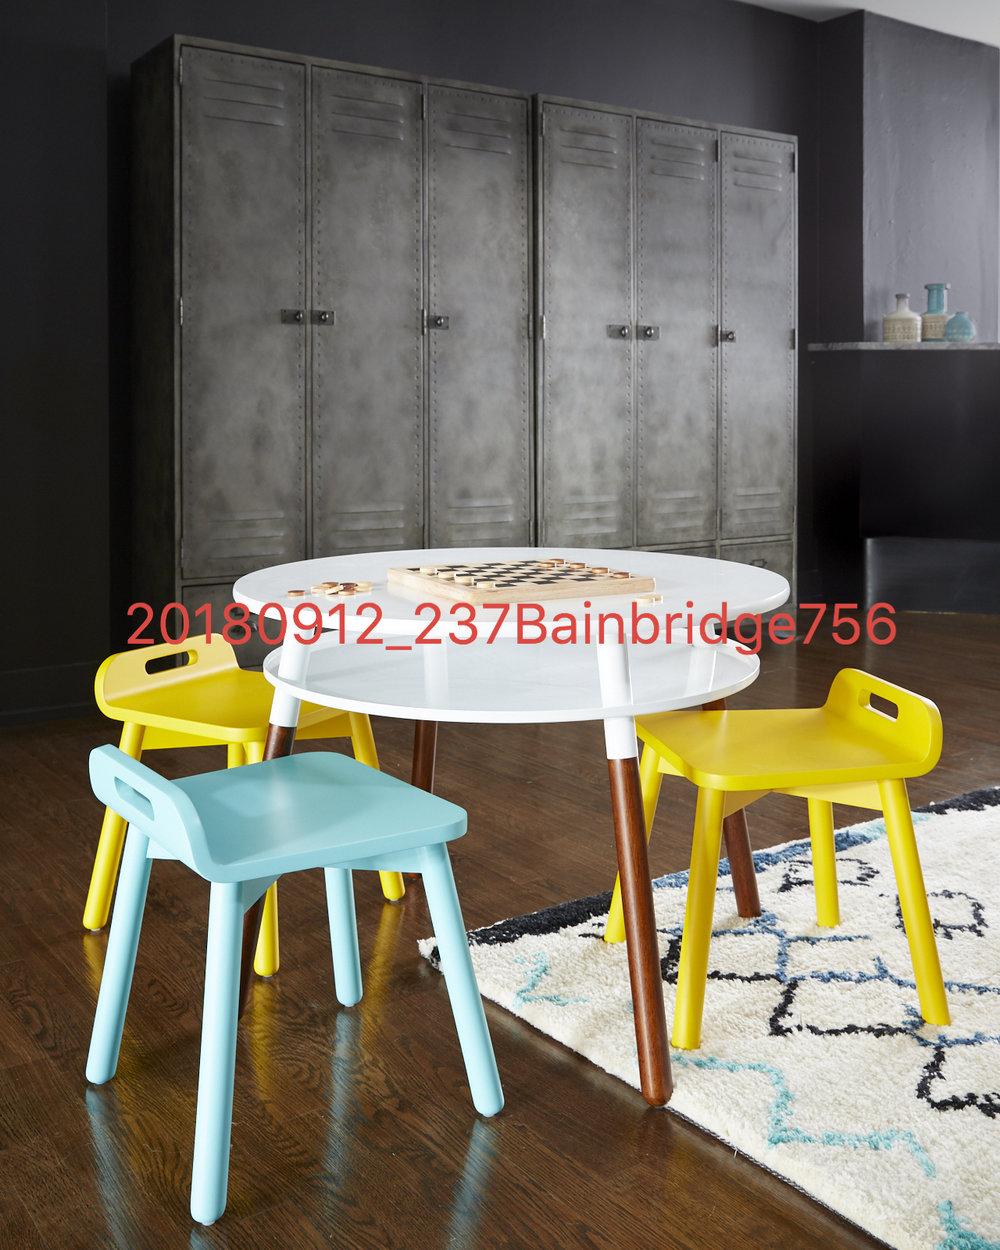 Bainbridge Sample_Web Gallery_132.jpg